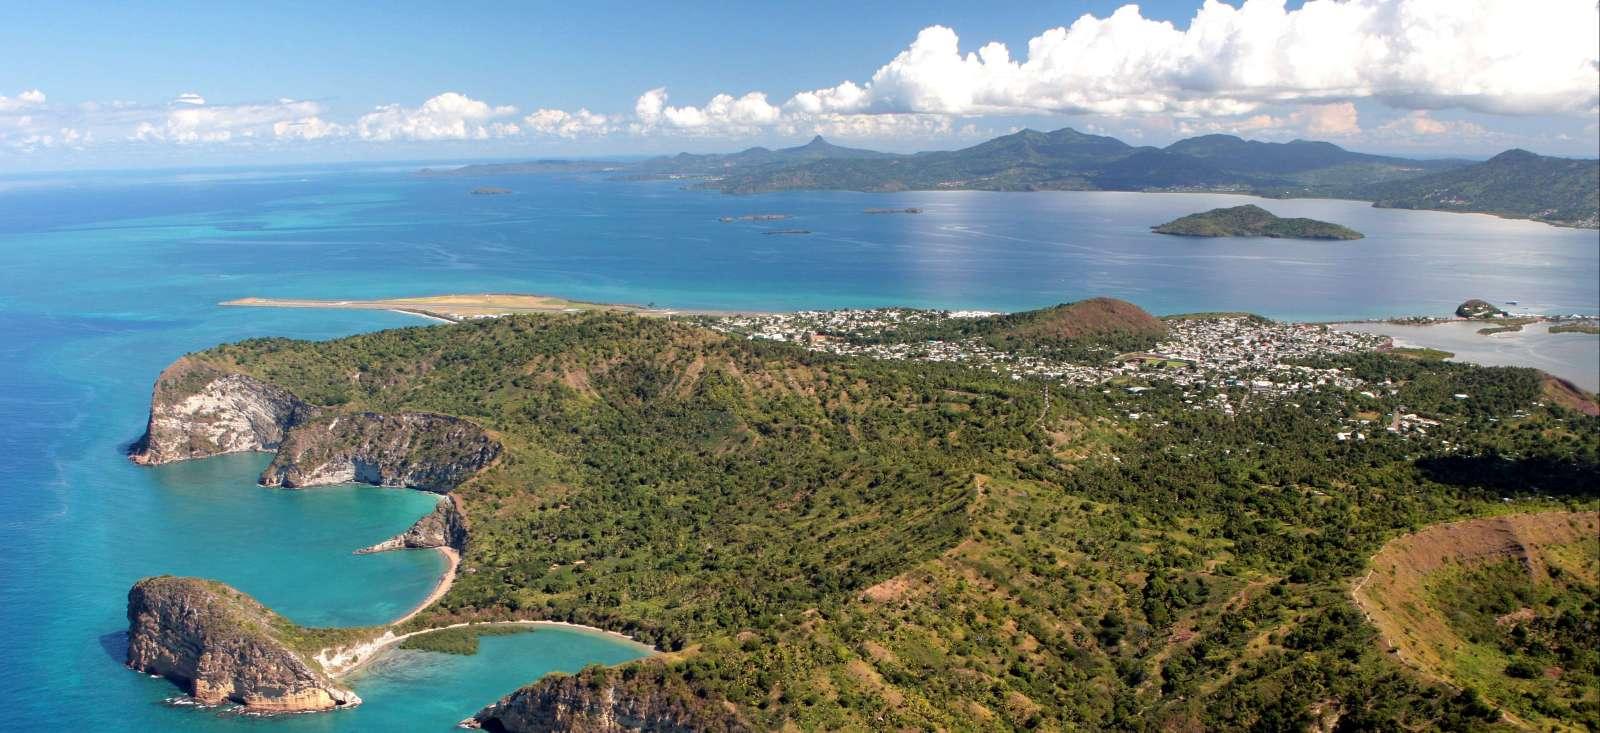 Voyage en véhicule : Mayotte entre lagons et volcans !